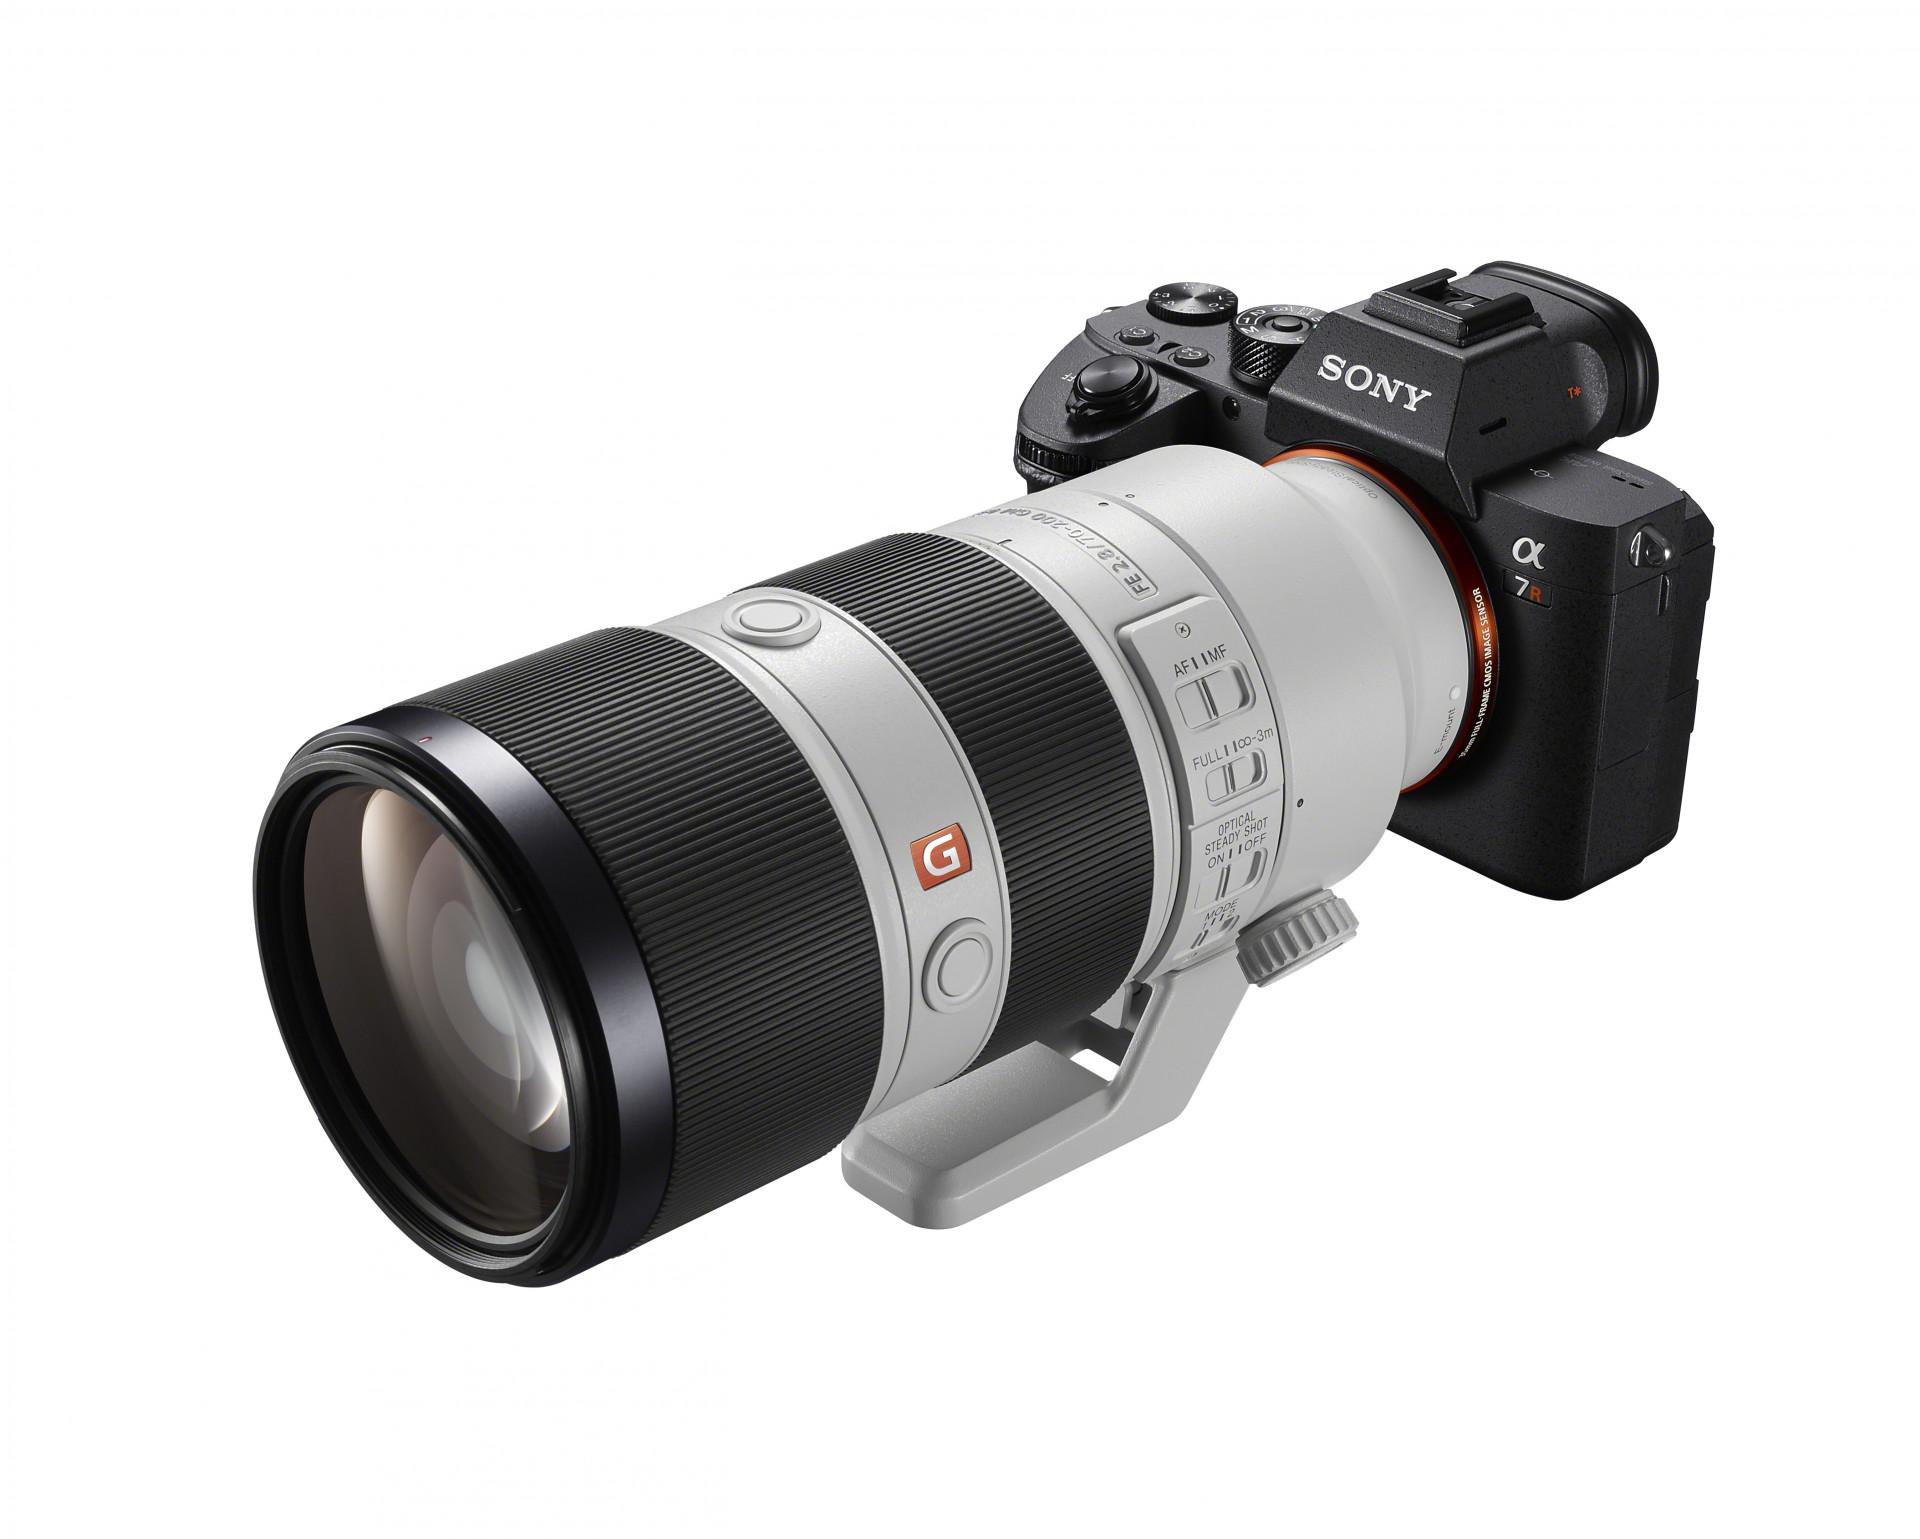 Sony Alpha 7R III schießt Fotos mit bis zu 10 Bildern pro Sekunde ...